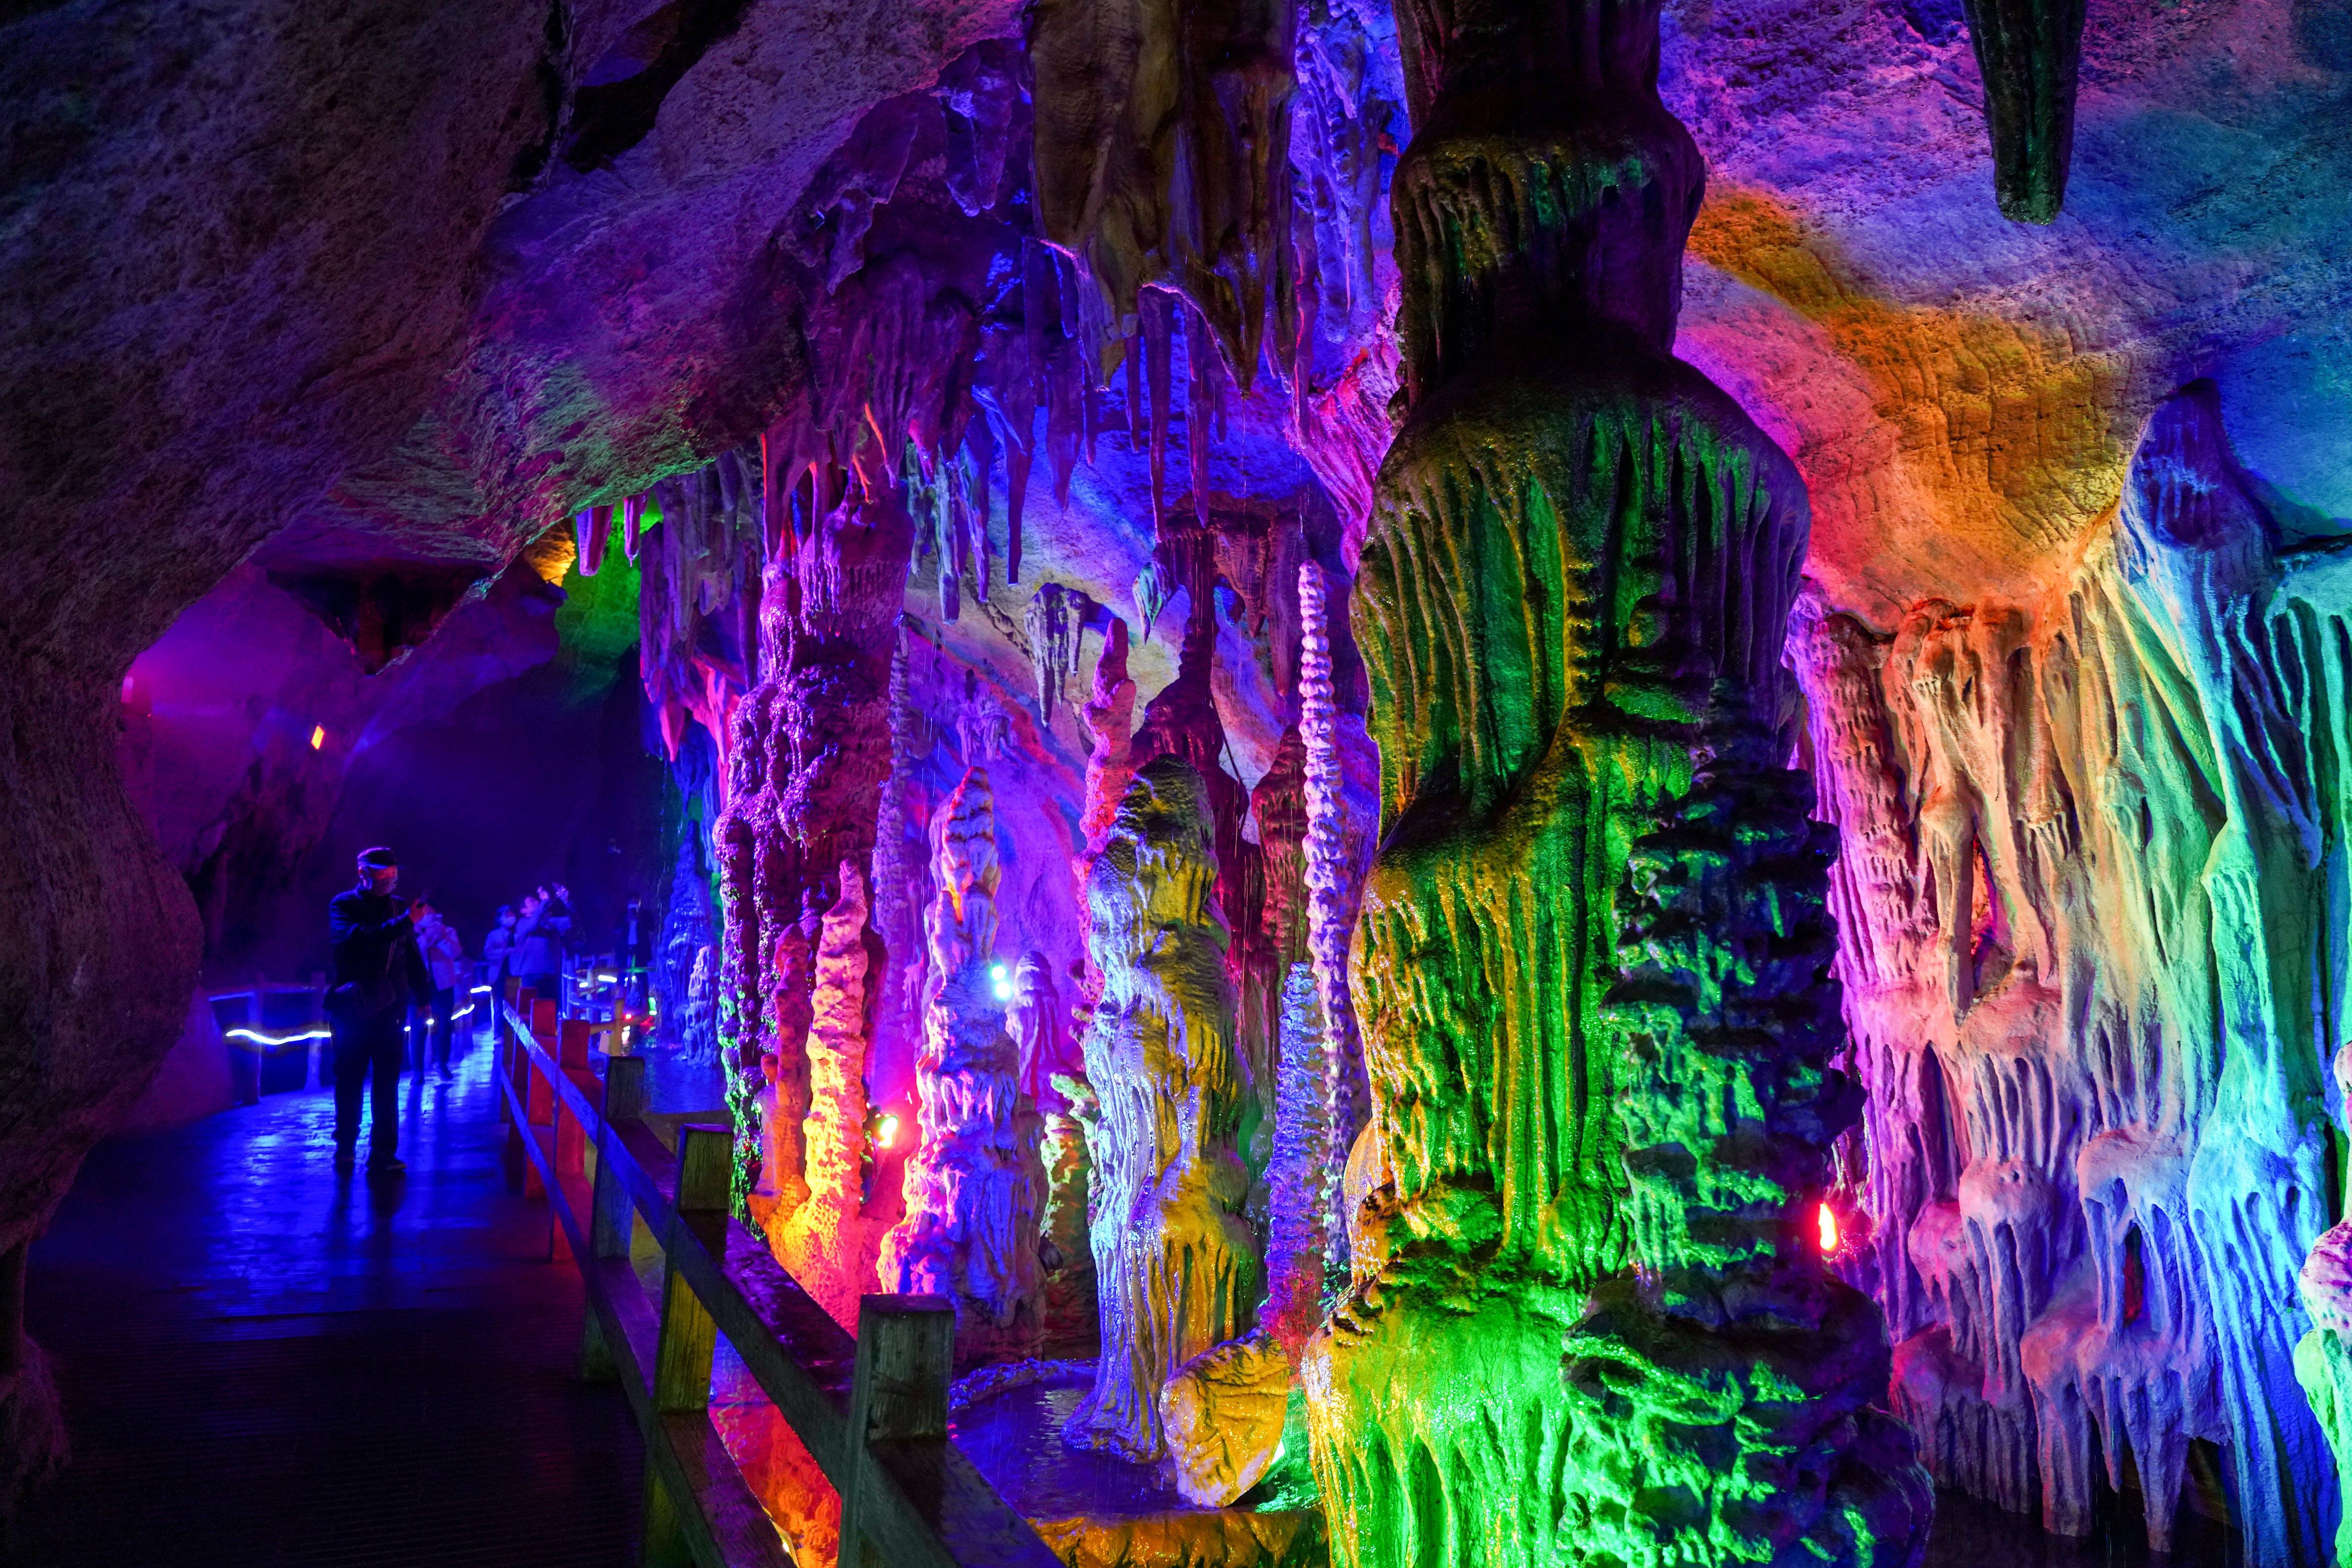 影像力|在山东地下大峡谷内体验最具原生野性的漂流